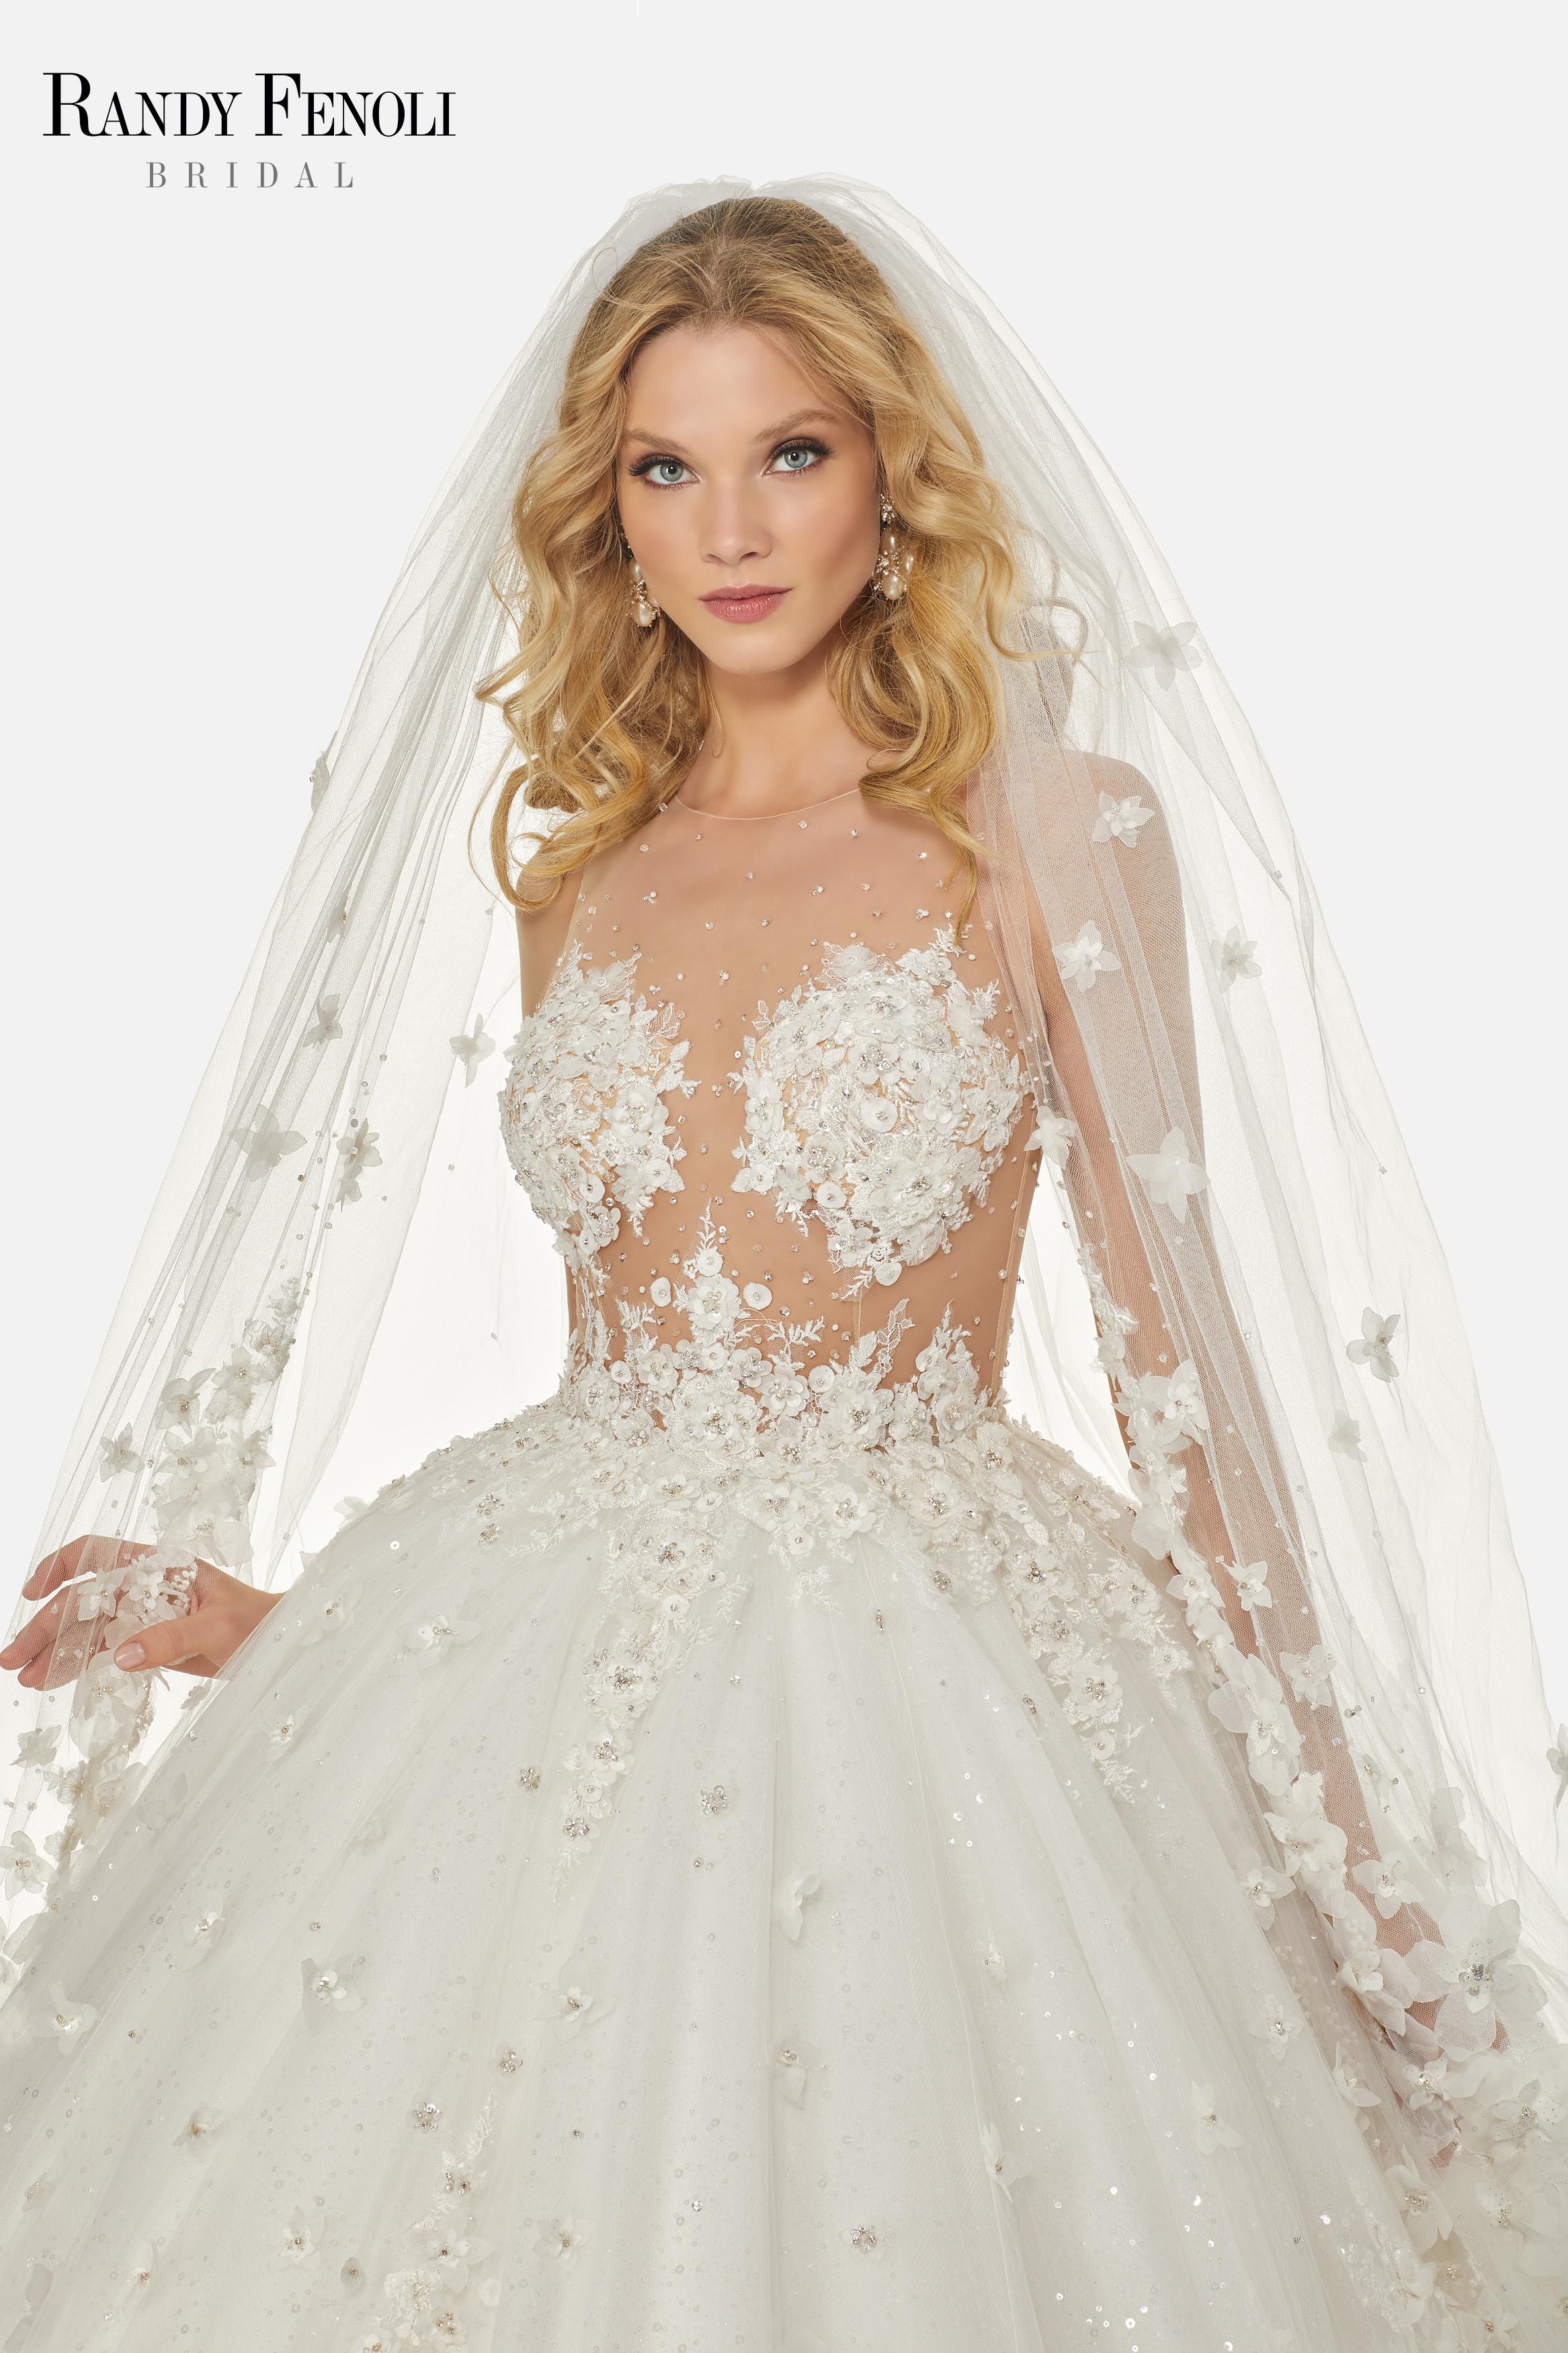 Randy fenoli bridal 10 abiti da sposa il giardino della - Il giardino della sposa ...